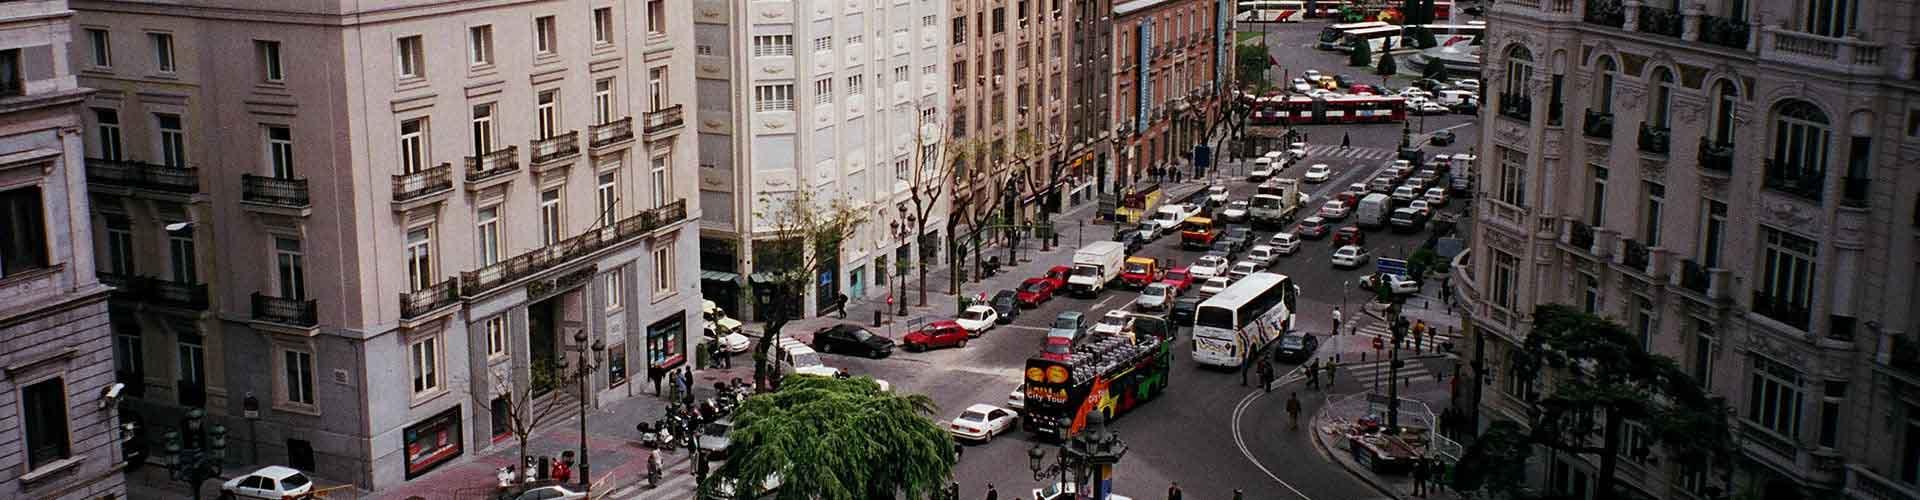 Madrid – Hostellit kaupungiosassa Cortes. Madrid -karttoja, valokuvia ja arvosteluja kaikista Madrid -hostelleista.